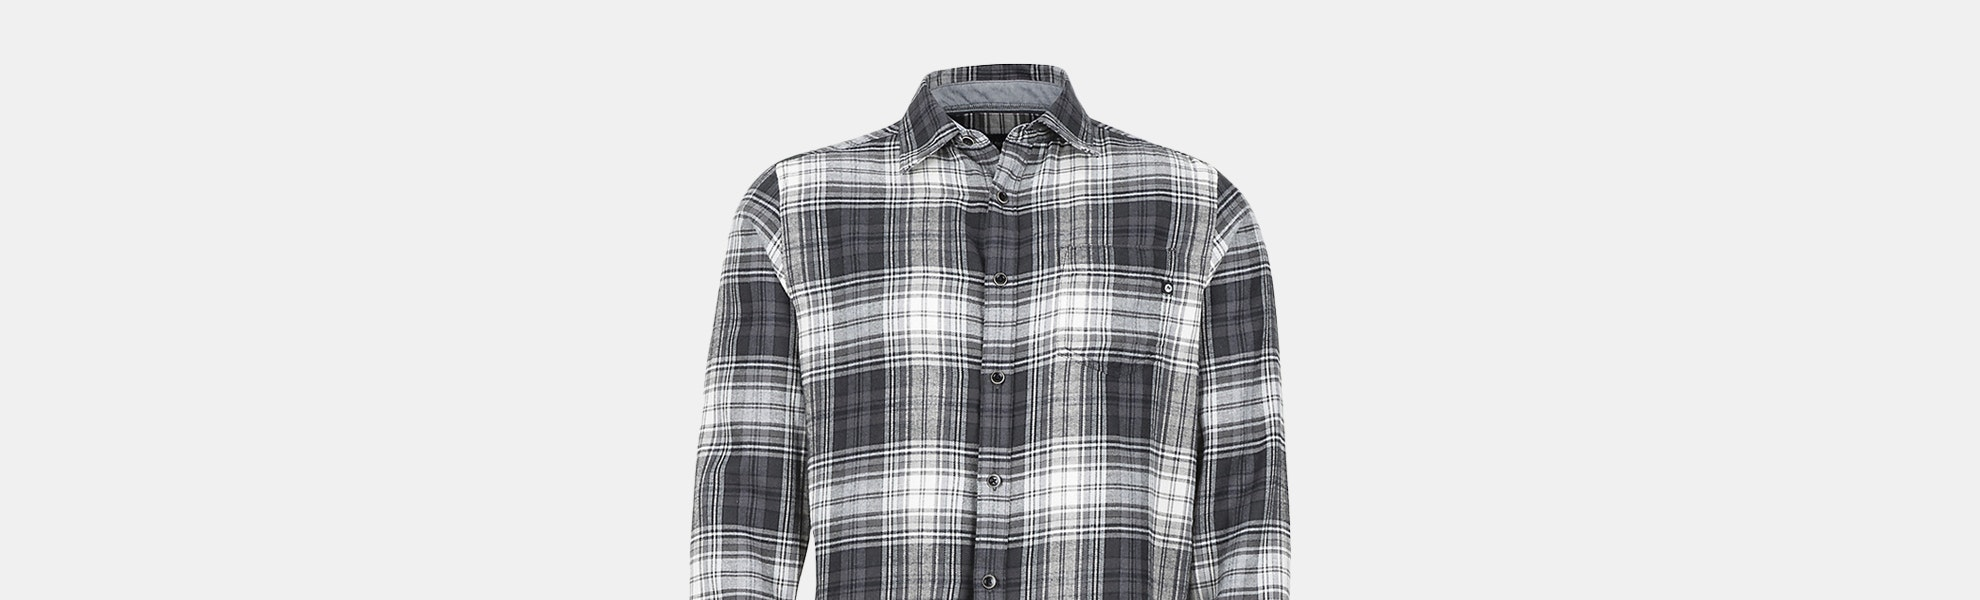 Marmot Fairfax Men's Midweight Flannel Shirt